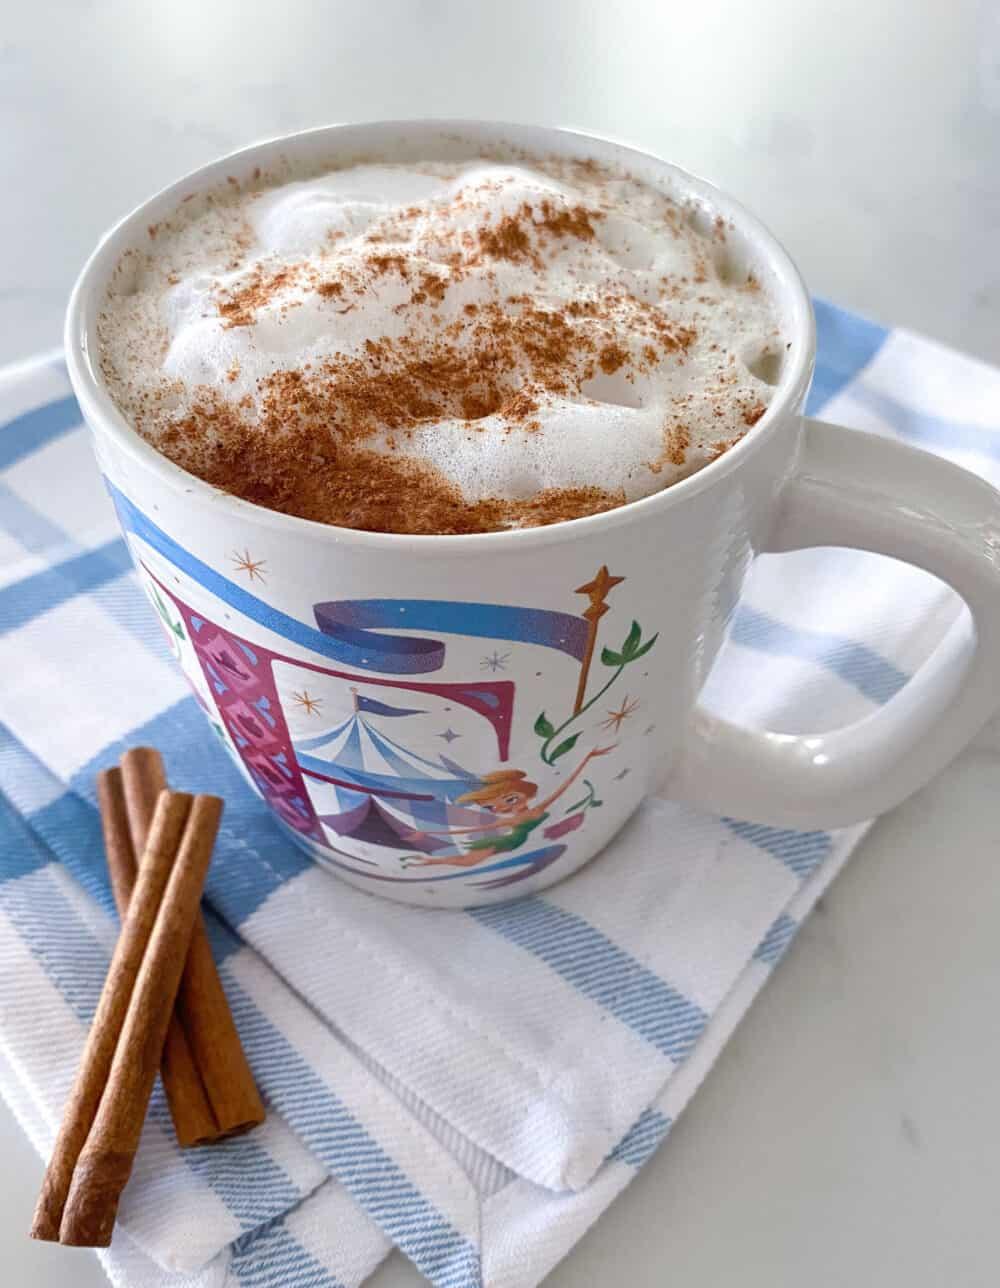 finished photo of keto hot chocolate